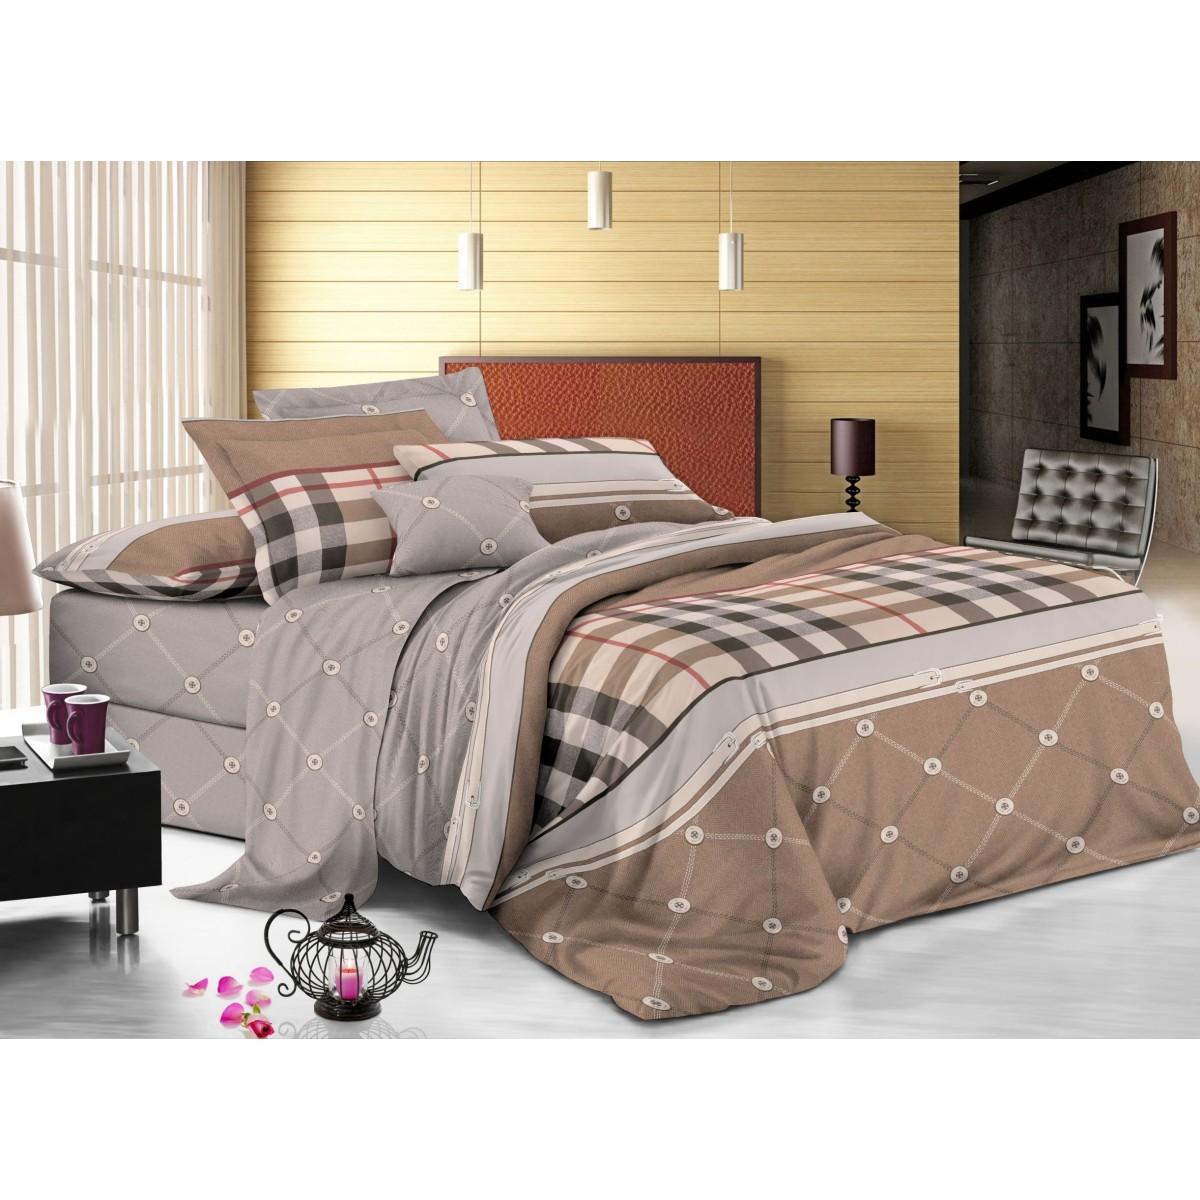 Комплект постельного белья двуспальный Amore Mio Carl 14727 сатин